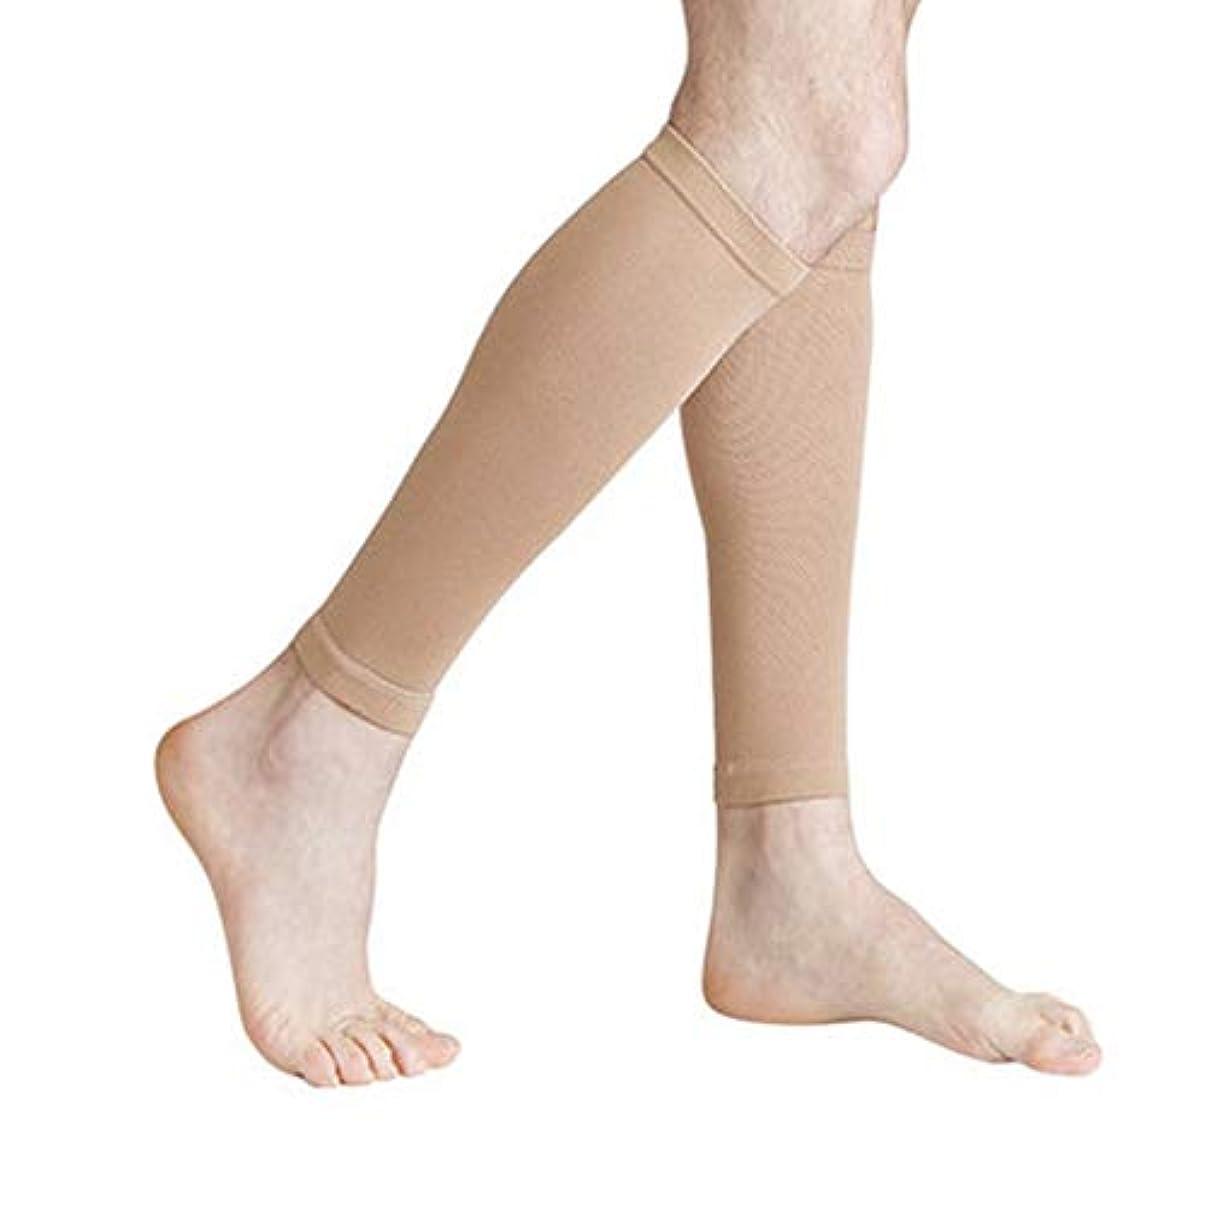 ブースト負始める丈夫な男性女性プロの圧縮靴下通気性のある旅行活動看護師用シントスプリントフライトトラベル - 肌色